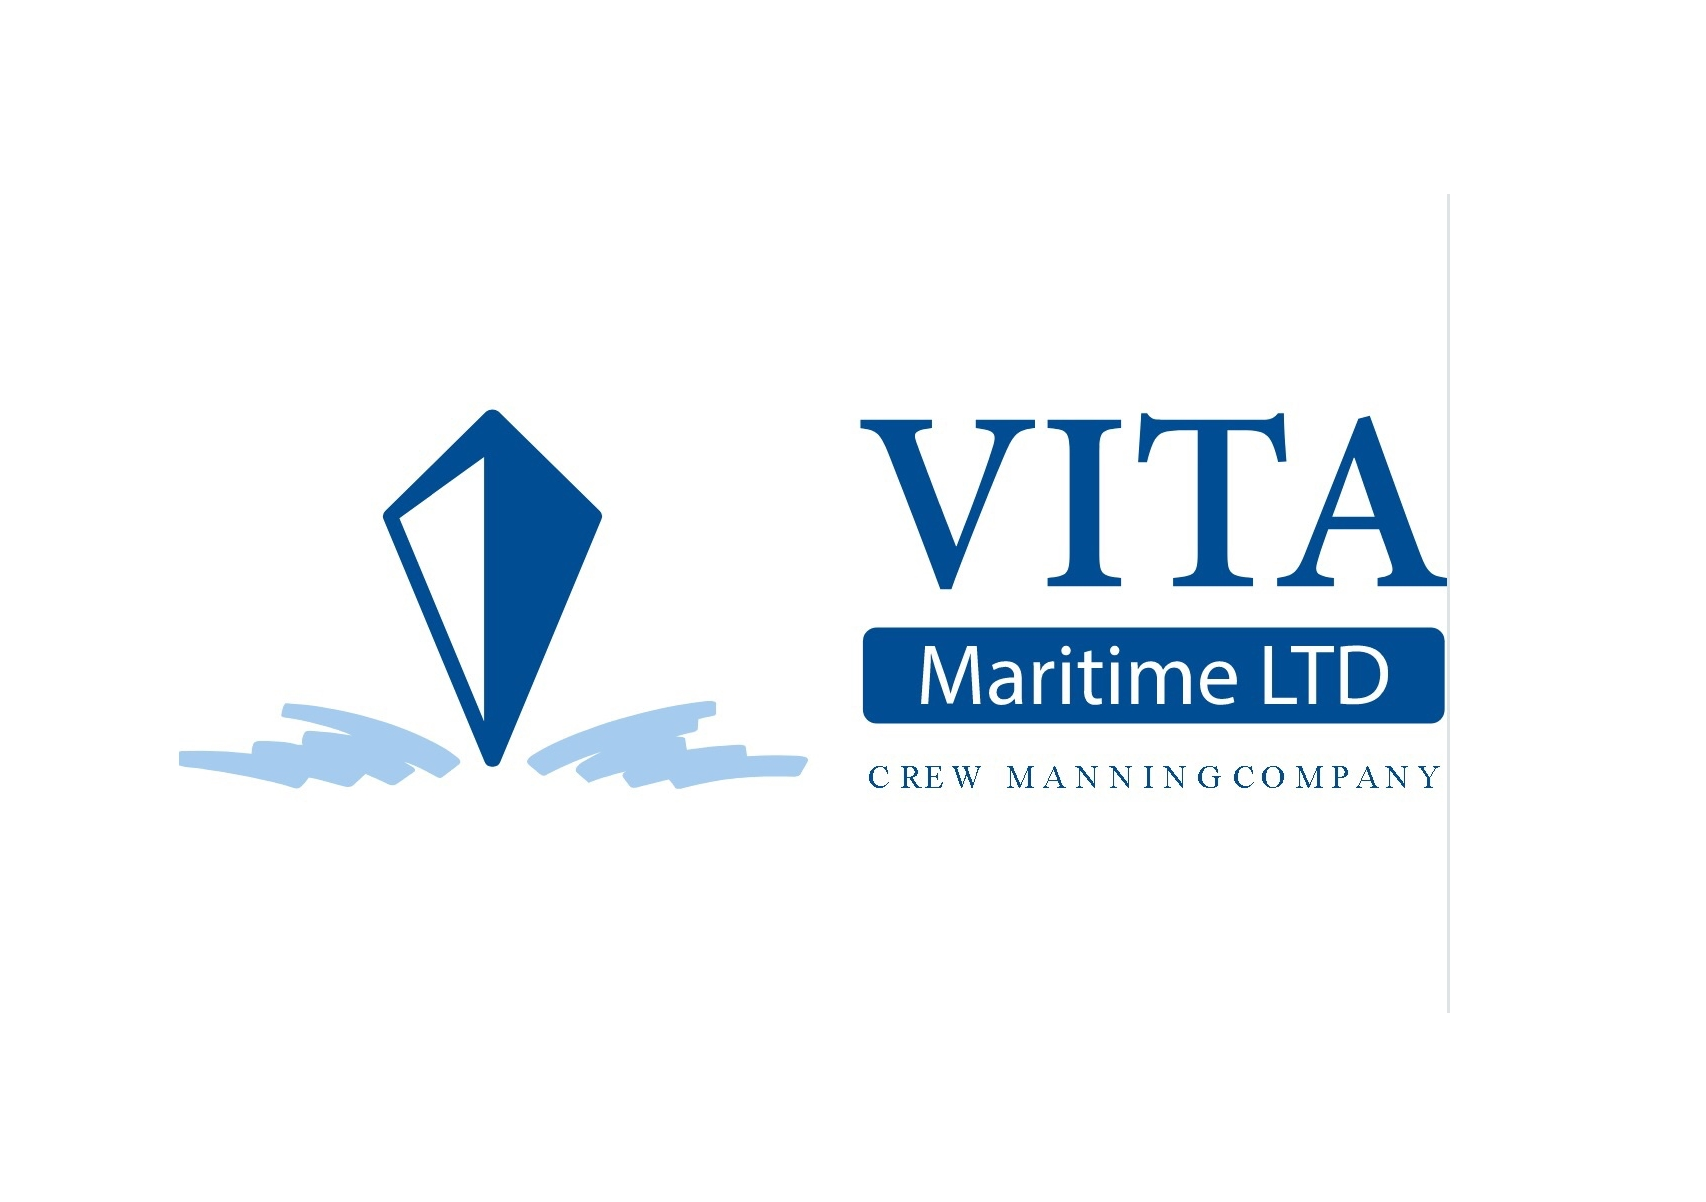 Vita Maritime LTD